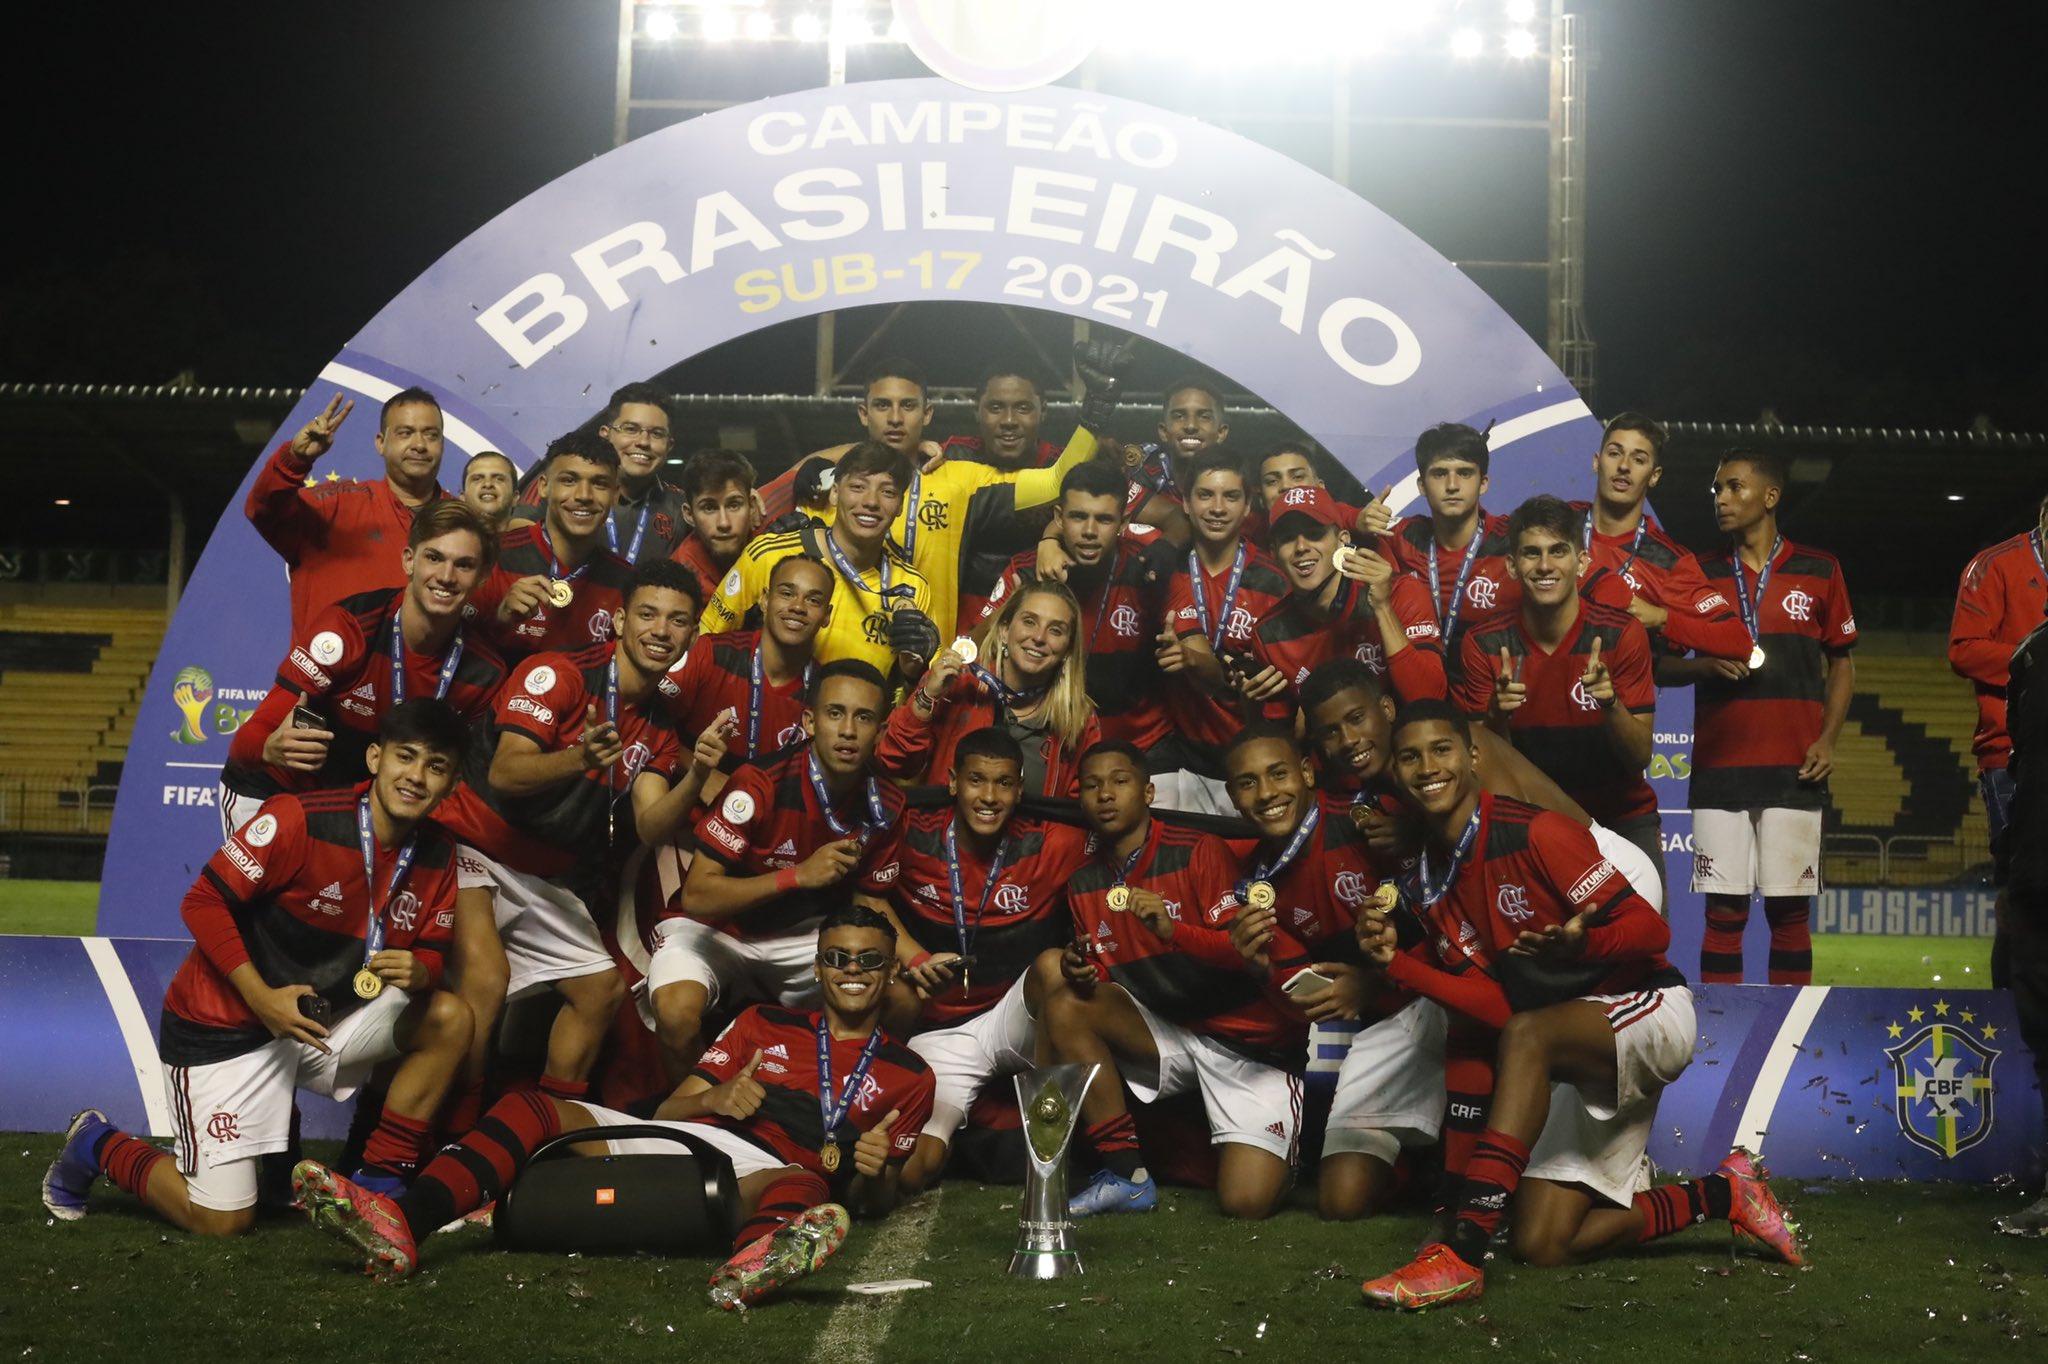 O bi do Flamengo e os destaques do Campeonato Brasileiro Sub-17